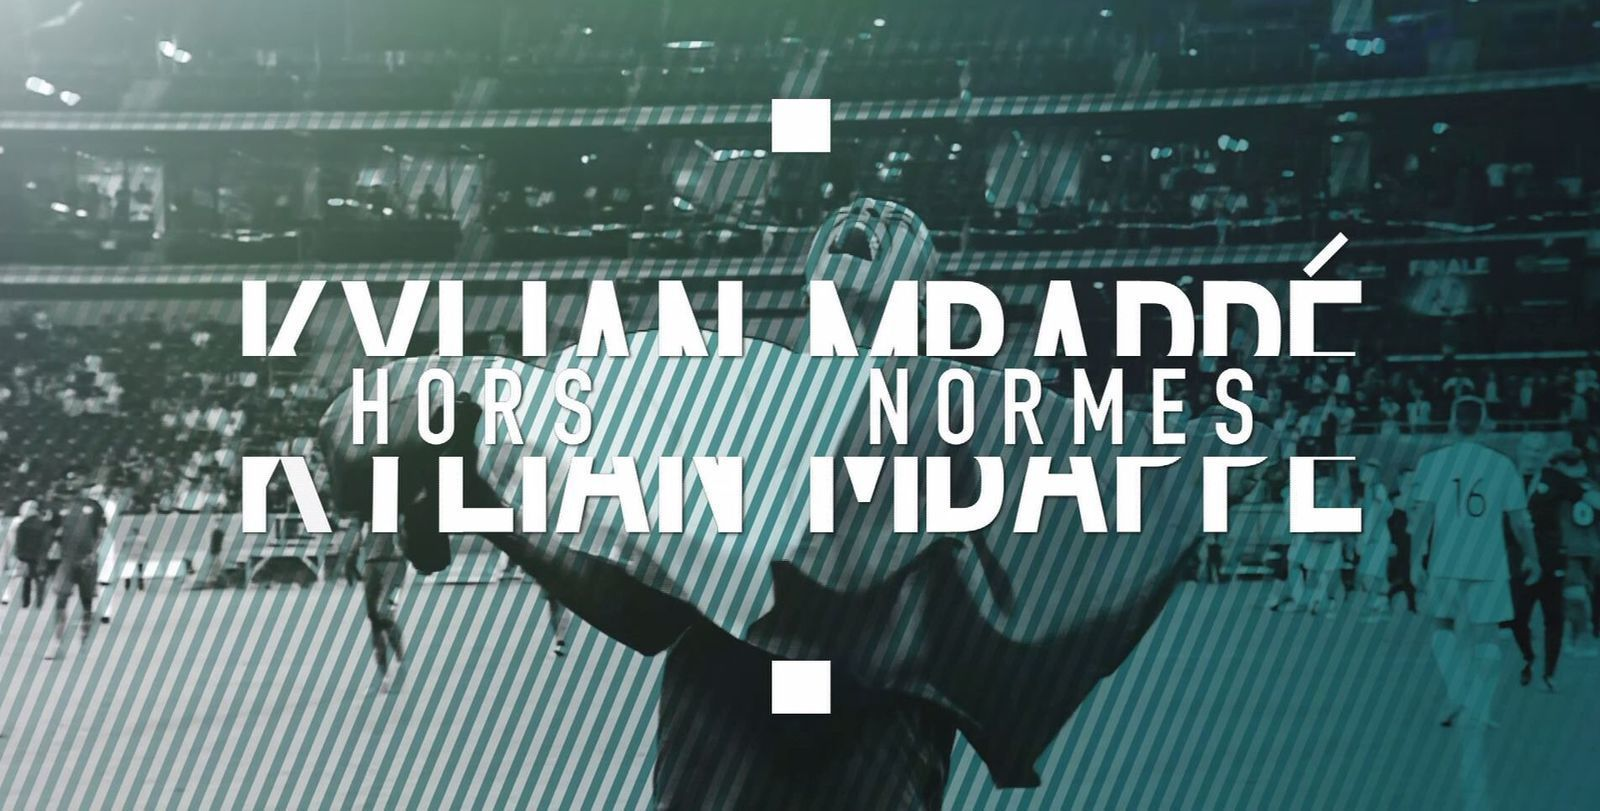 Kylian Mbappé, hors normes - Documentaire (2017)